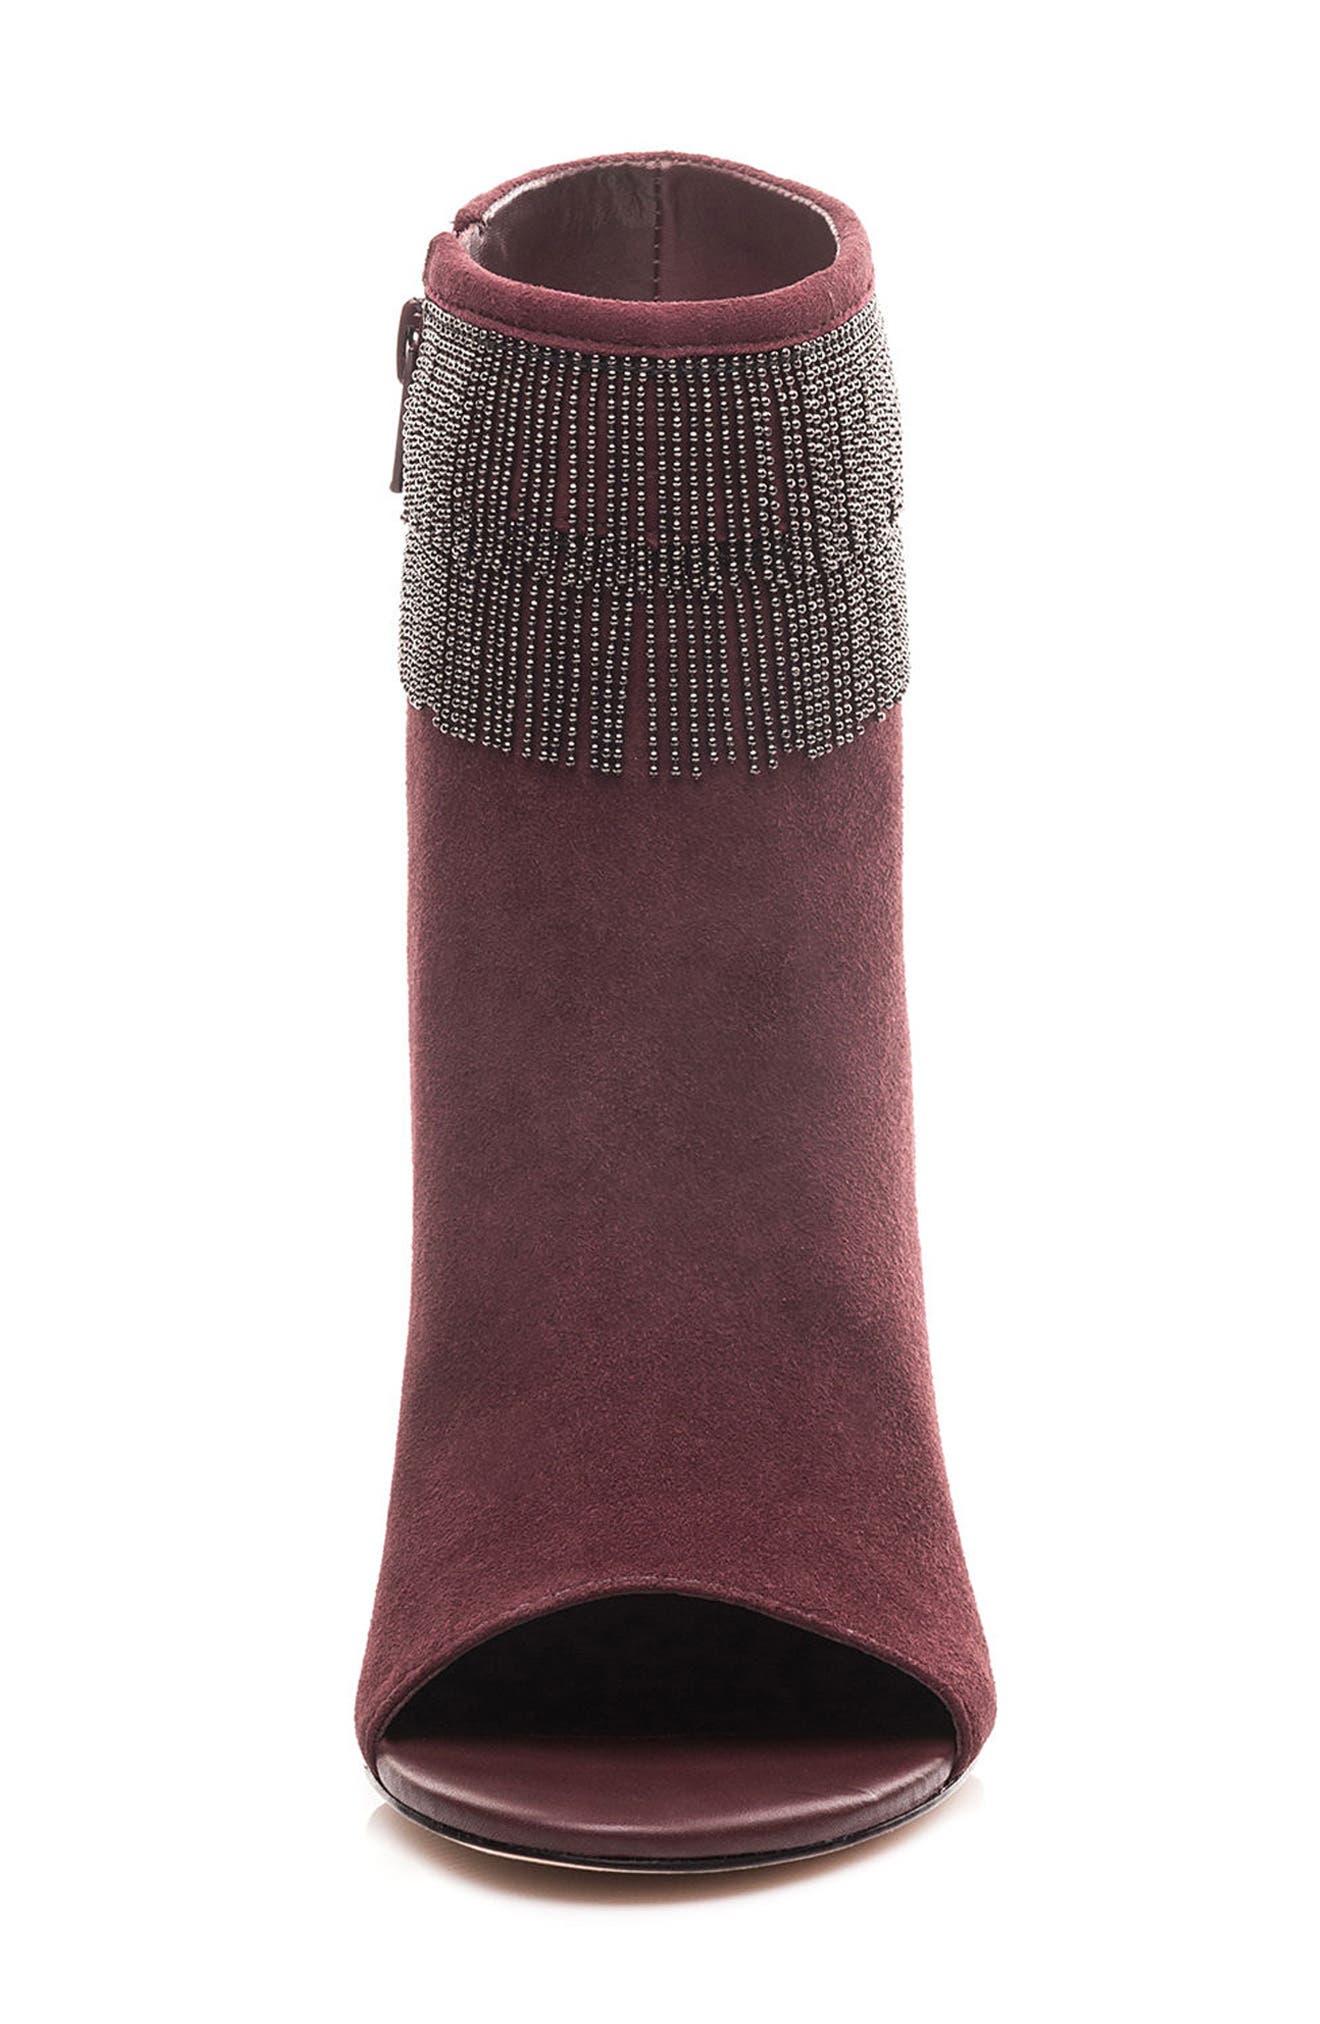 Honour Fringe Peep Toe Bootie,                             Alternate thumbnail 4, color,                             Bordeaux Leather